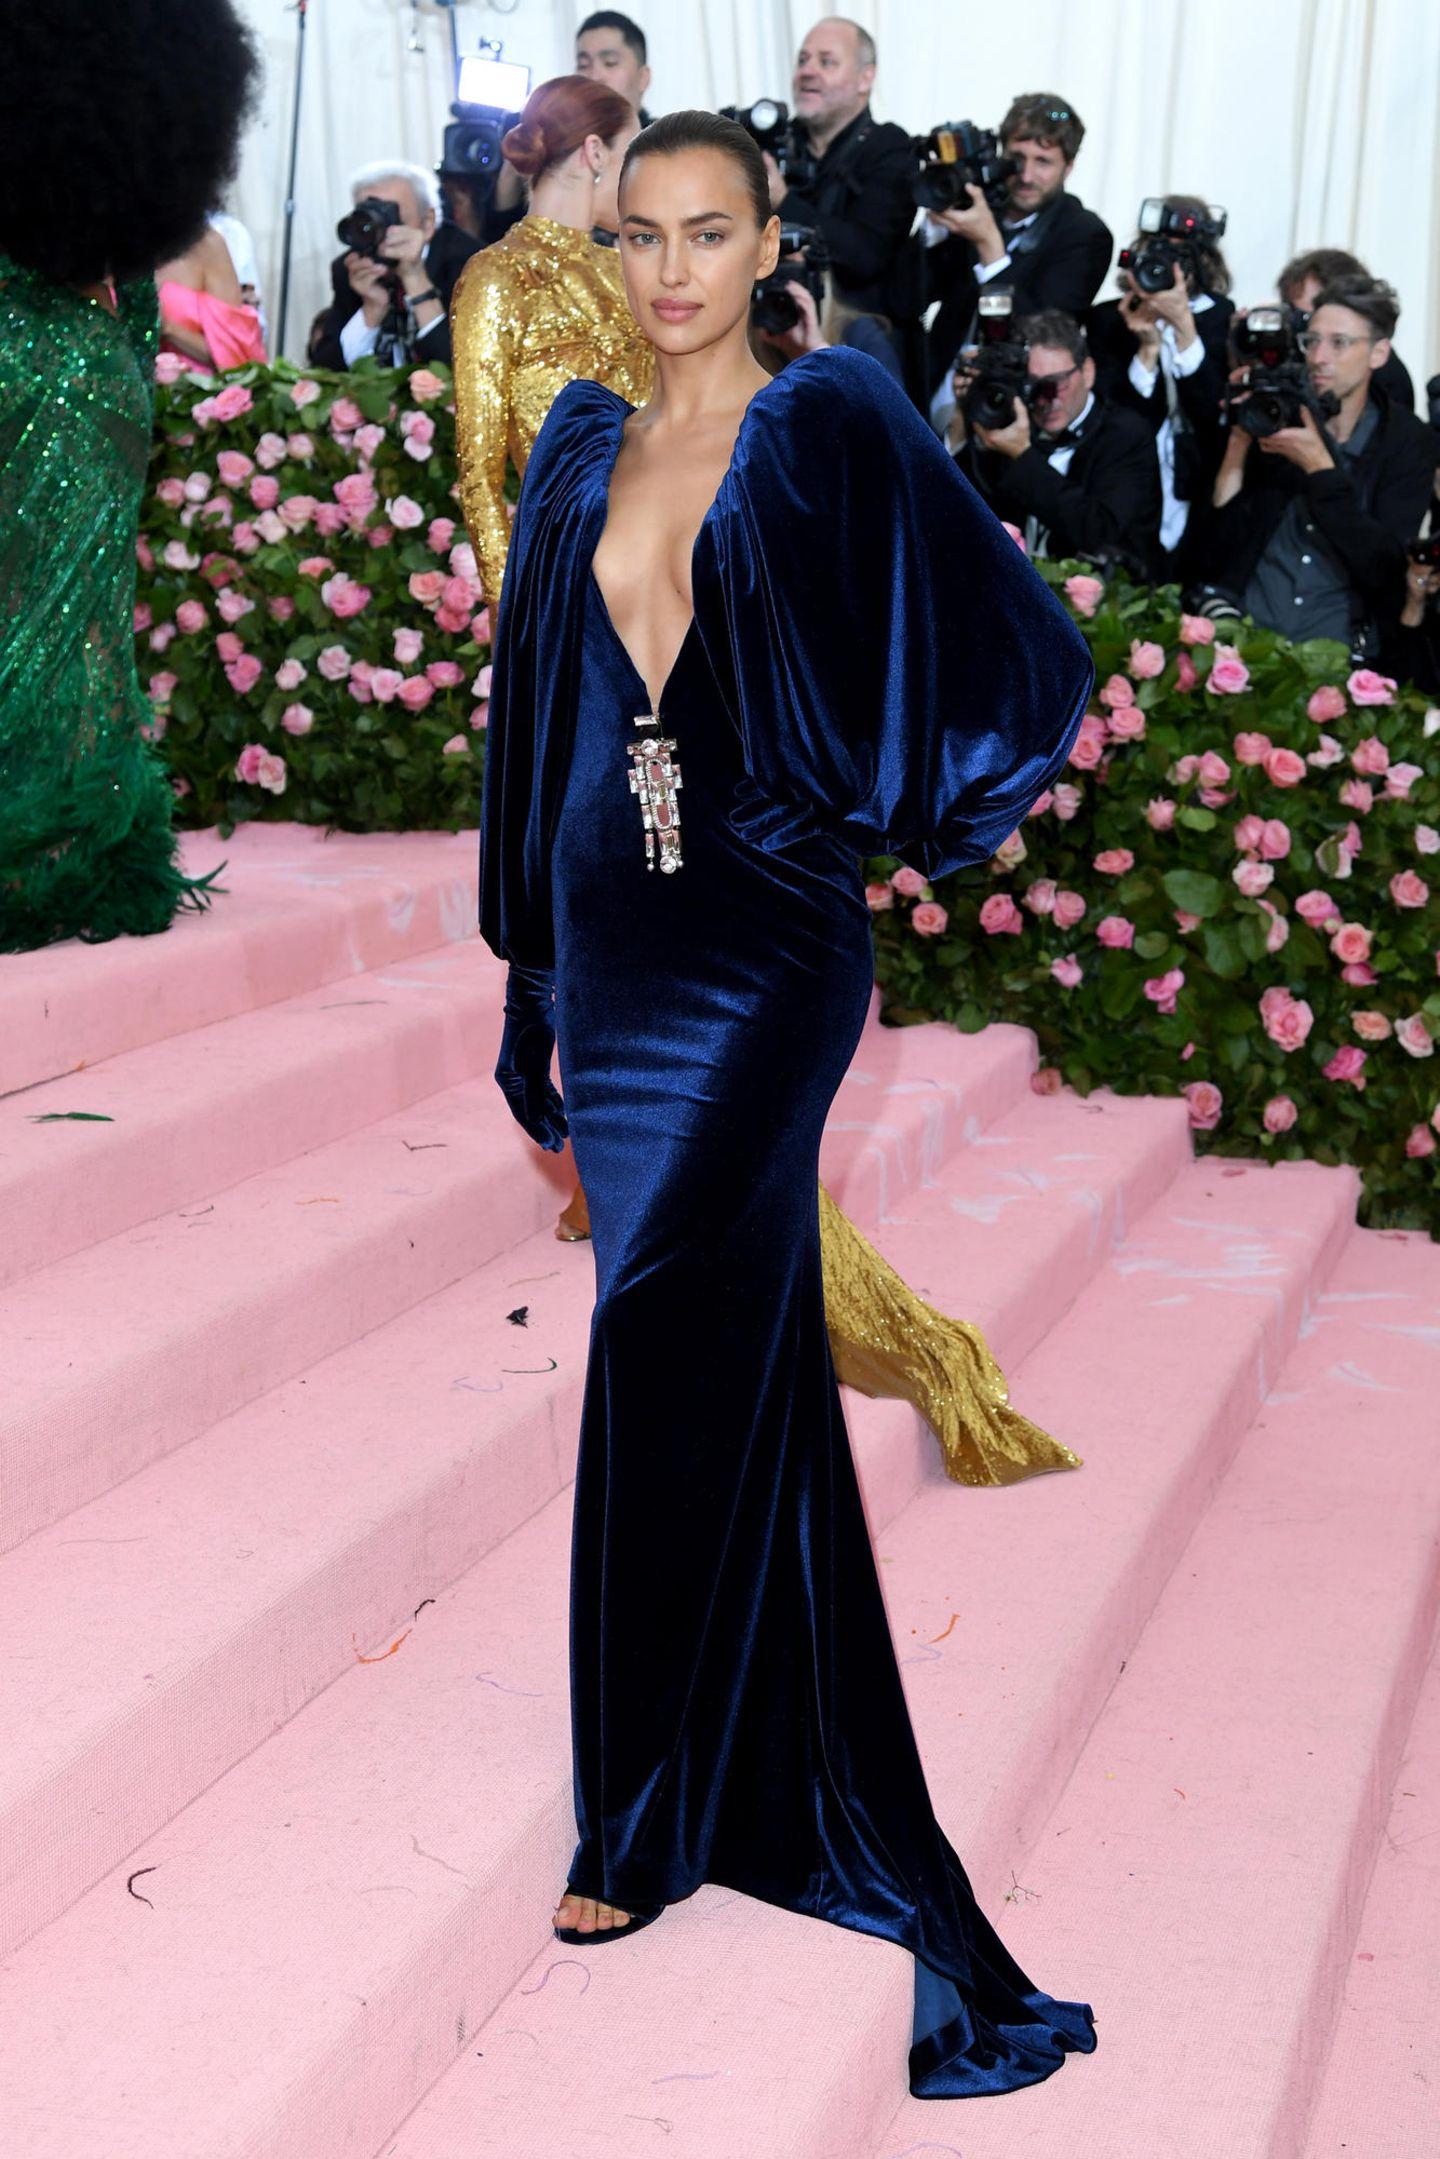 So sexy kann Samt sein! Irina Shayk leuchtet im blauen Burberry-Kleid.